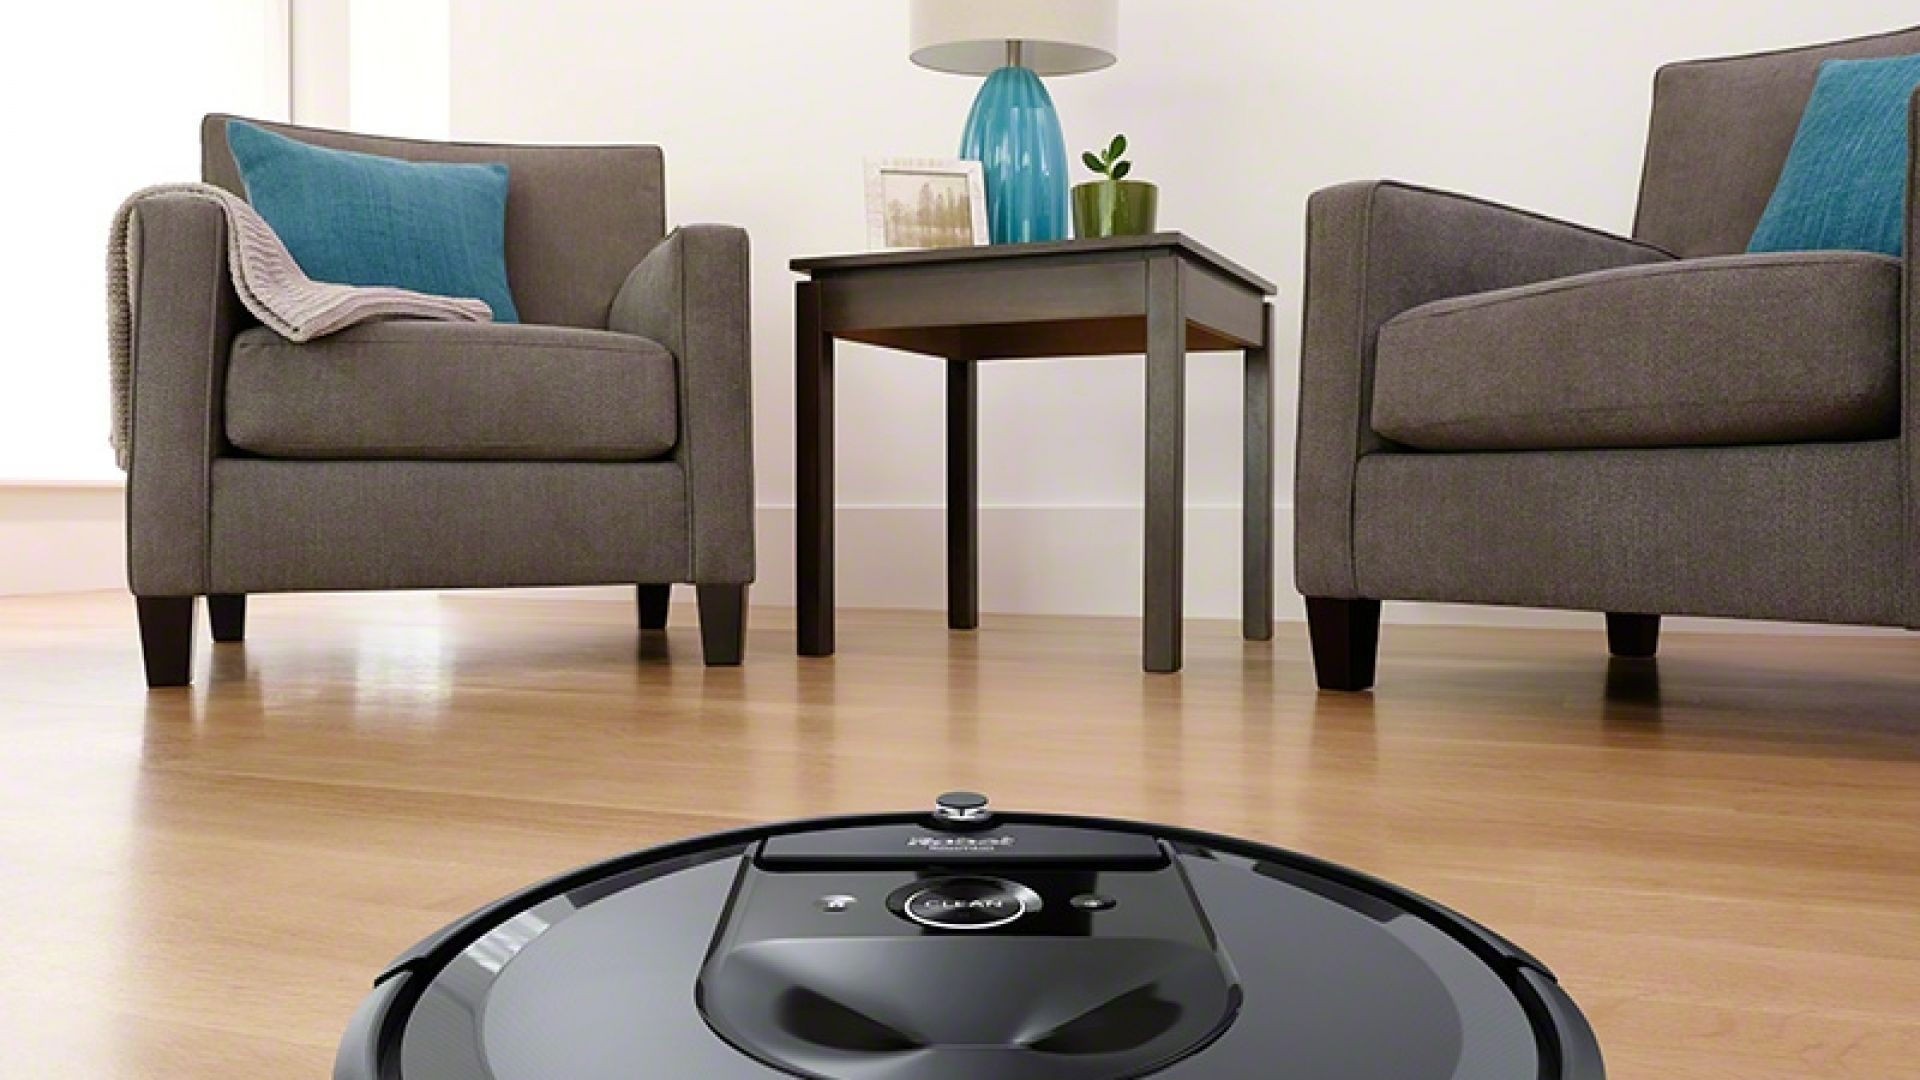 iRobot Roomba i7+: най-доброто става още по-добро